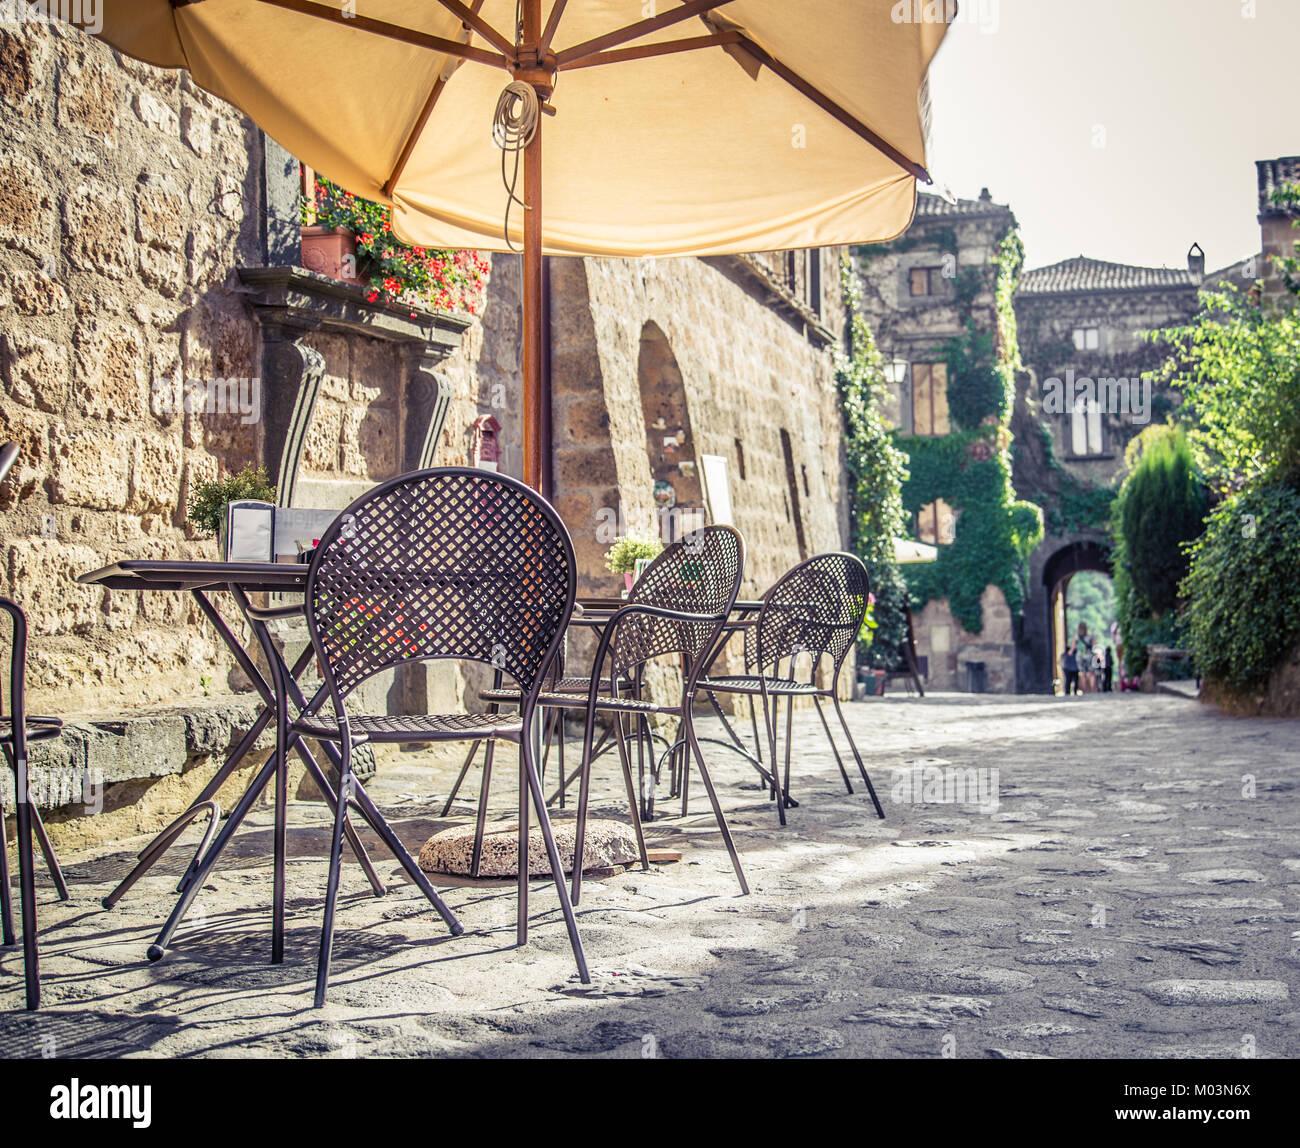 Tavoli E Sedie Stile Vintage.Cafe Con Tavoli E Sedie In Una Vecchia Strada In Europa Con Retro